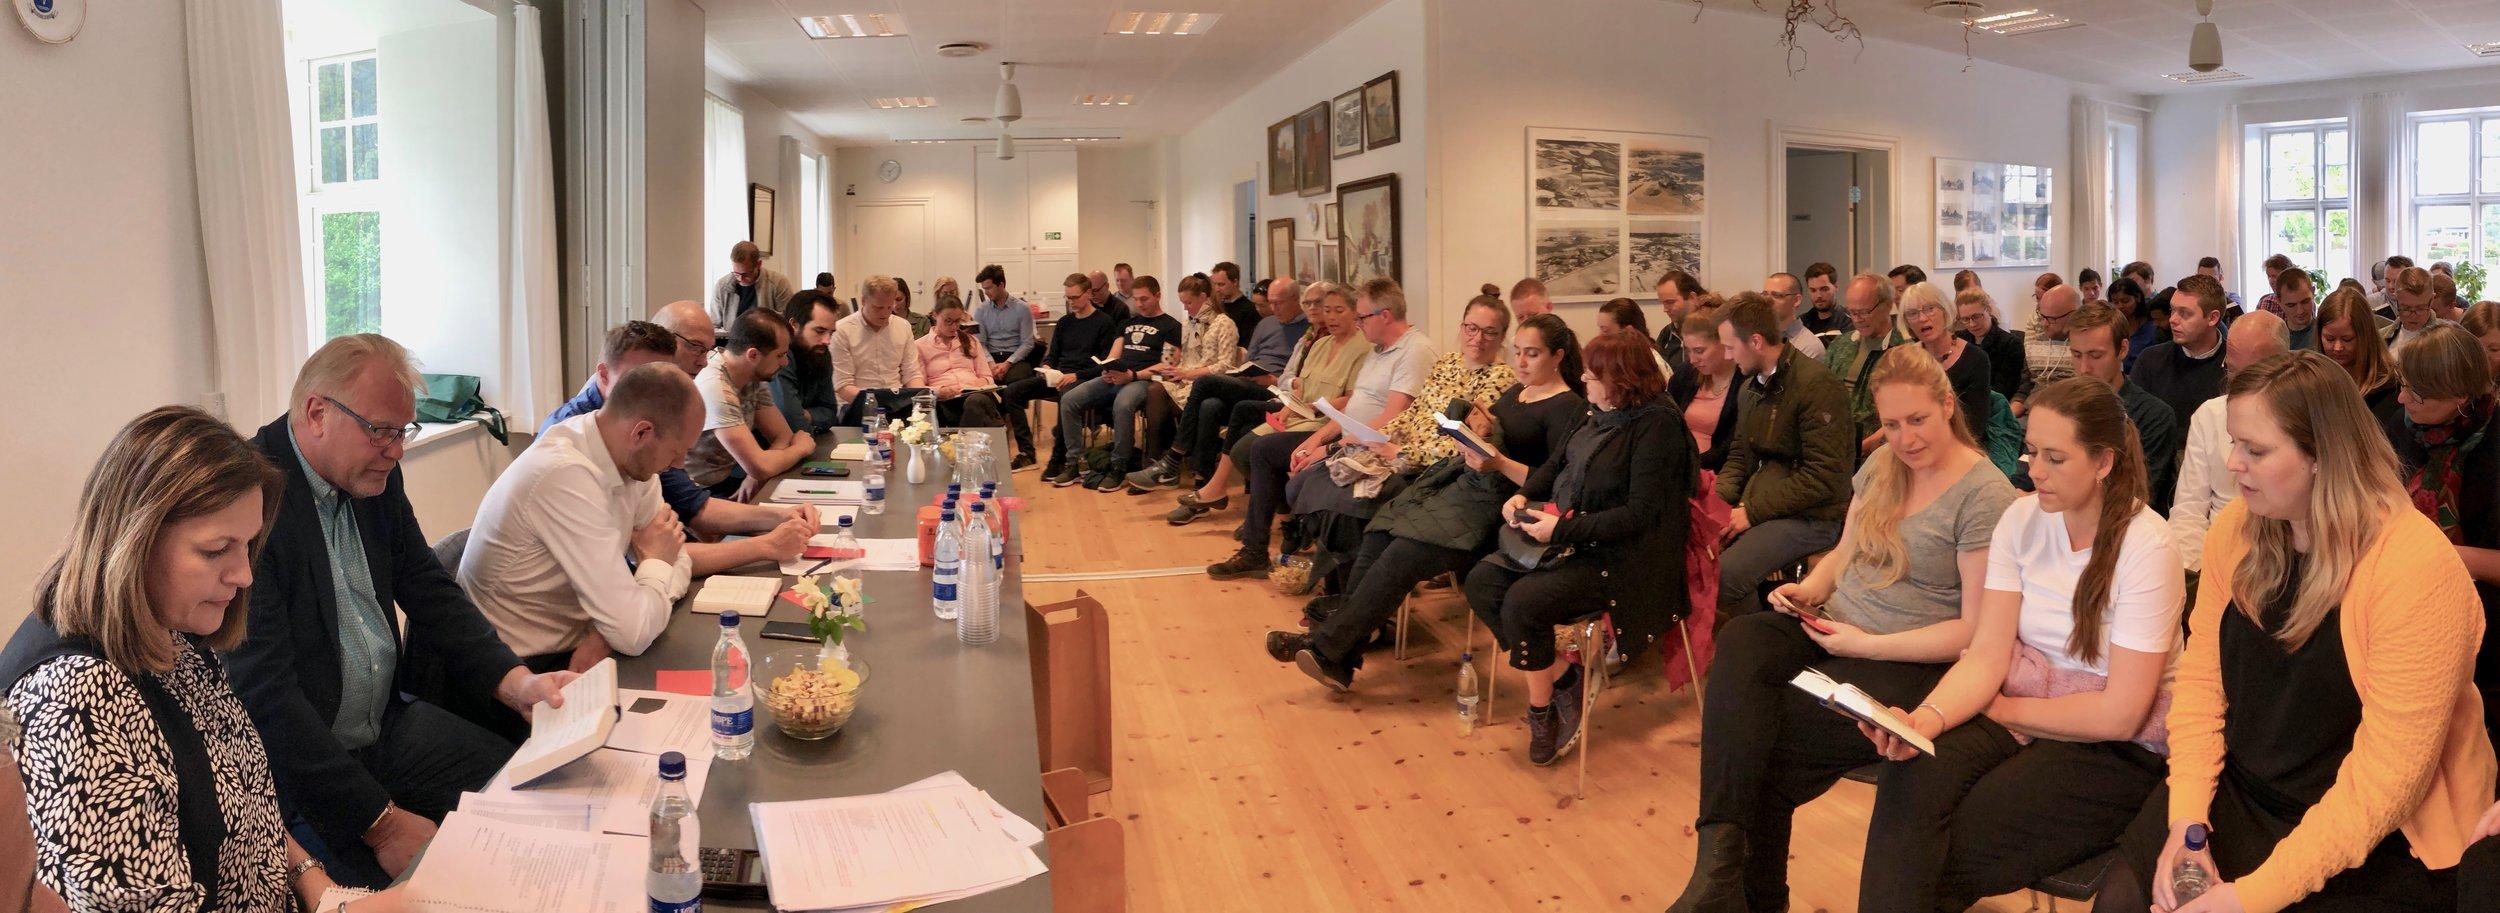 Der var fyldt godt op med interesserede medlemmer, da Drabæk Huse i går aftes samlede sine medlemmer til den årlige generalforsamling. Foto: AOB